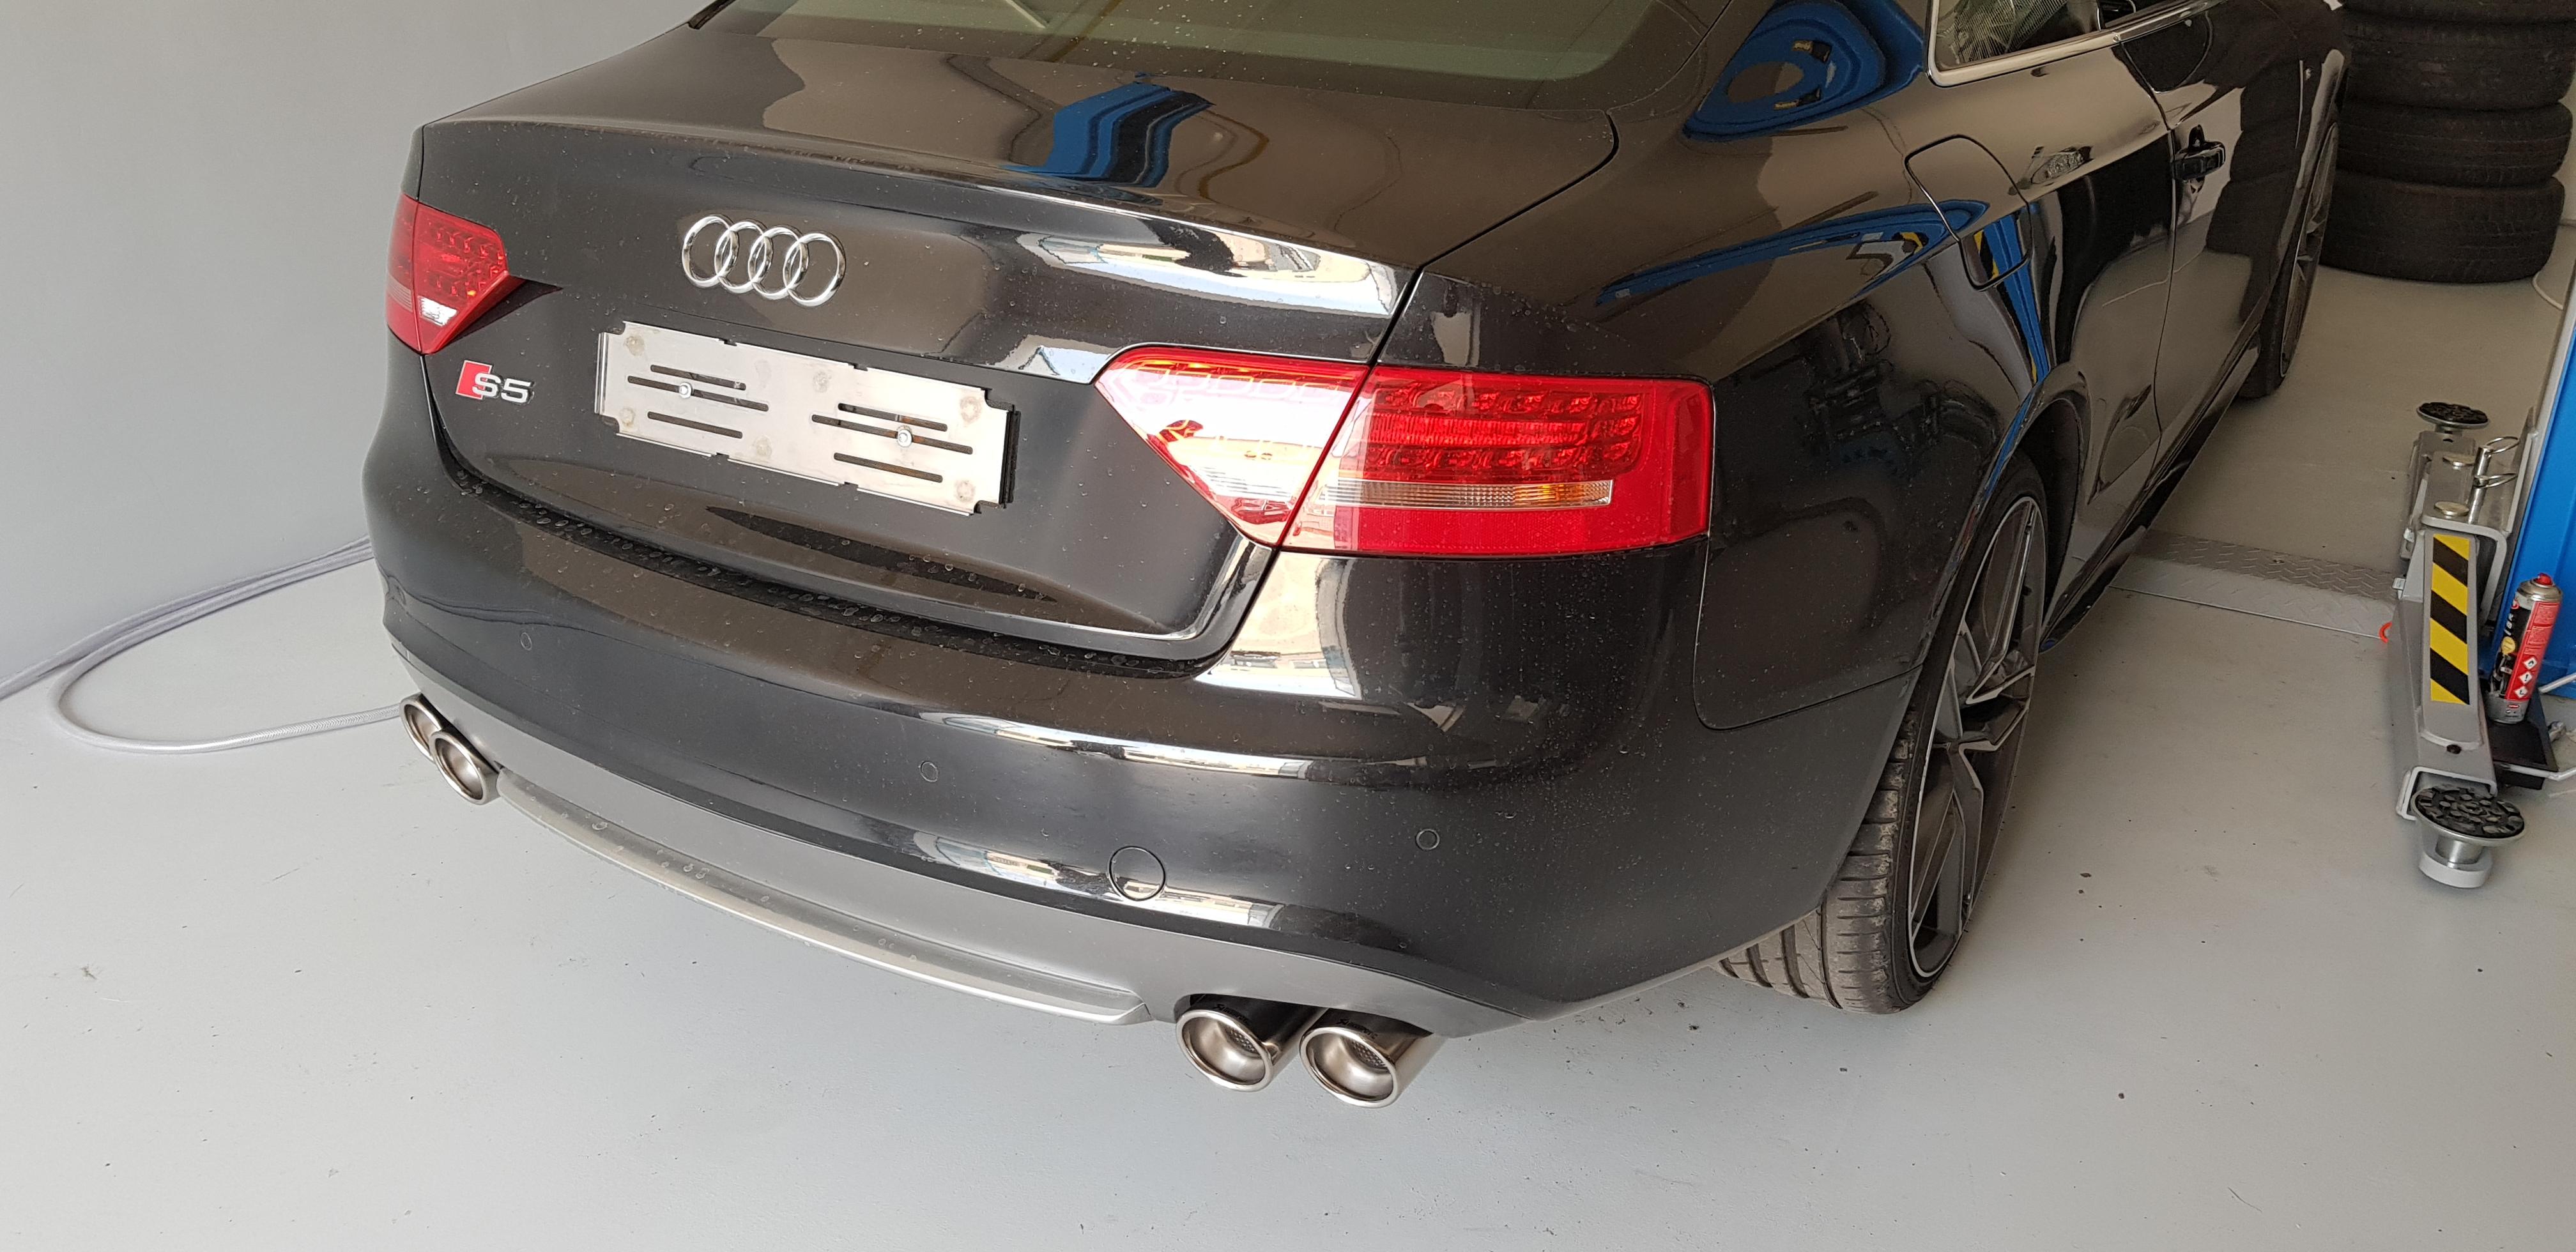 Audi_S5_Akrapovic_008